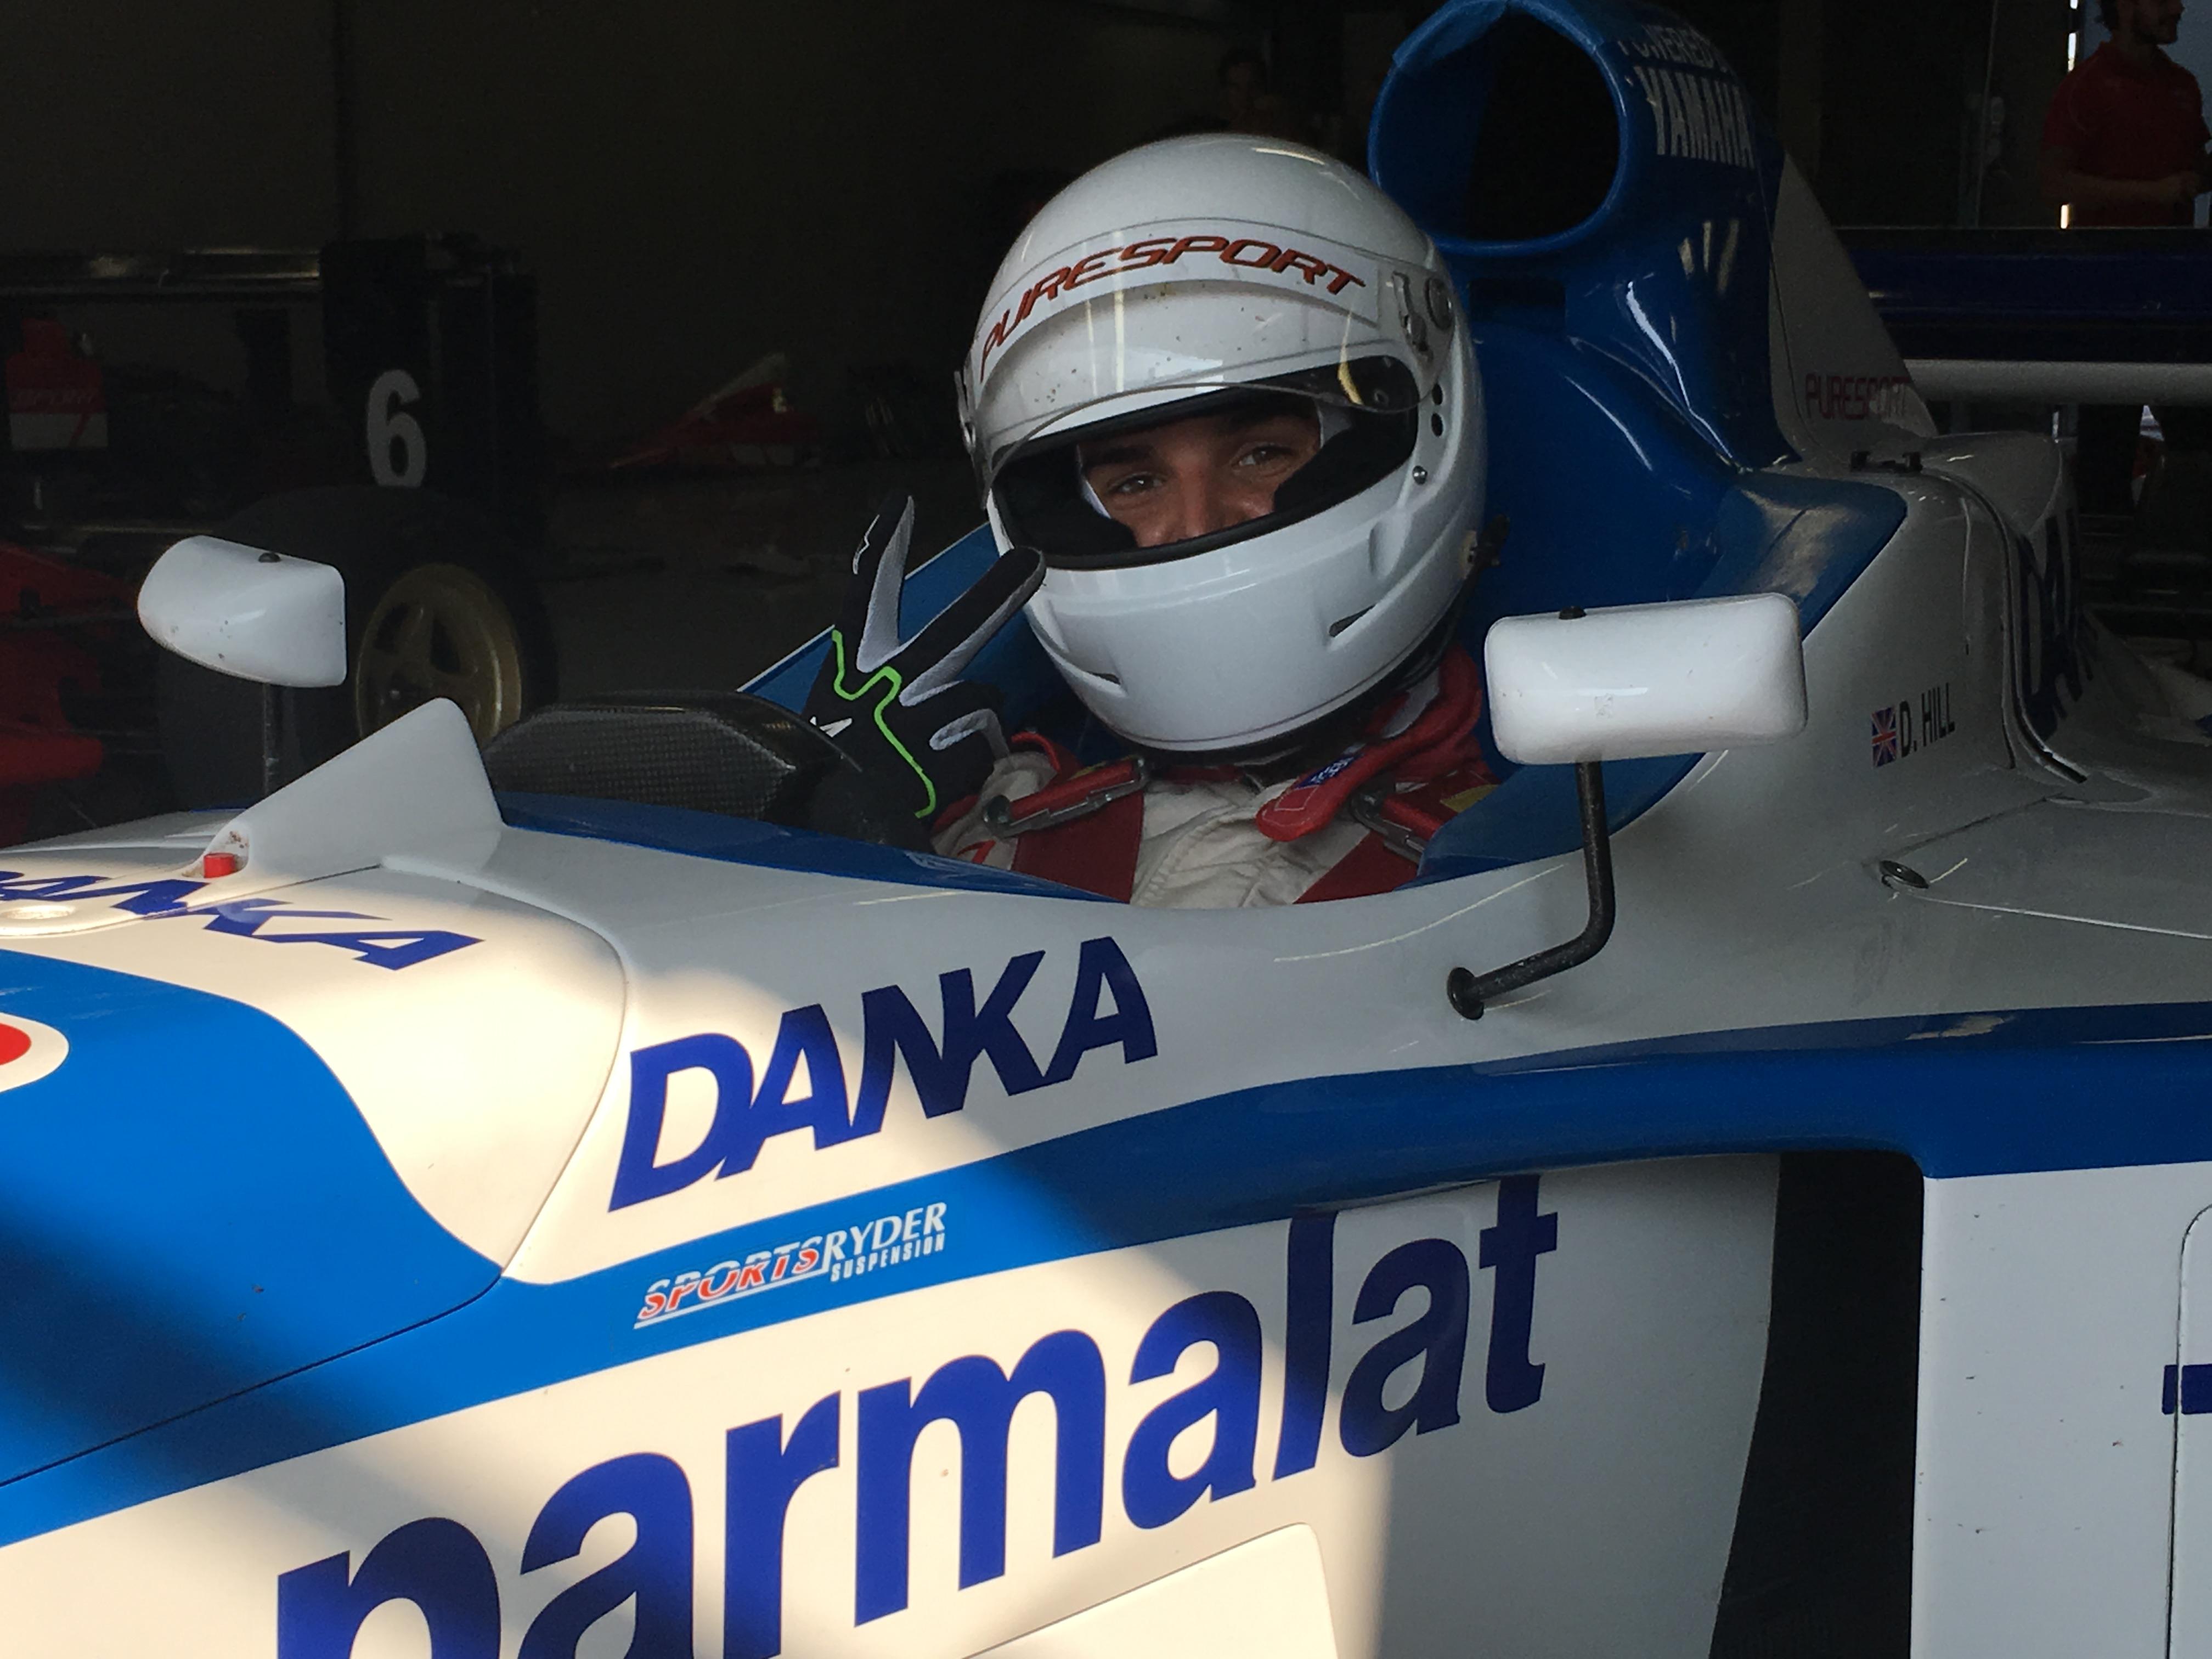 GP Italia F1, Monza: Le parole di Charles Leclerc dopo la vittoria [ VIDEO ] –